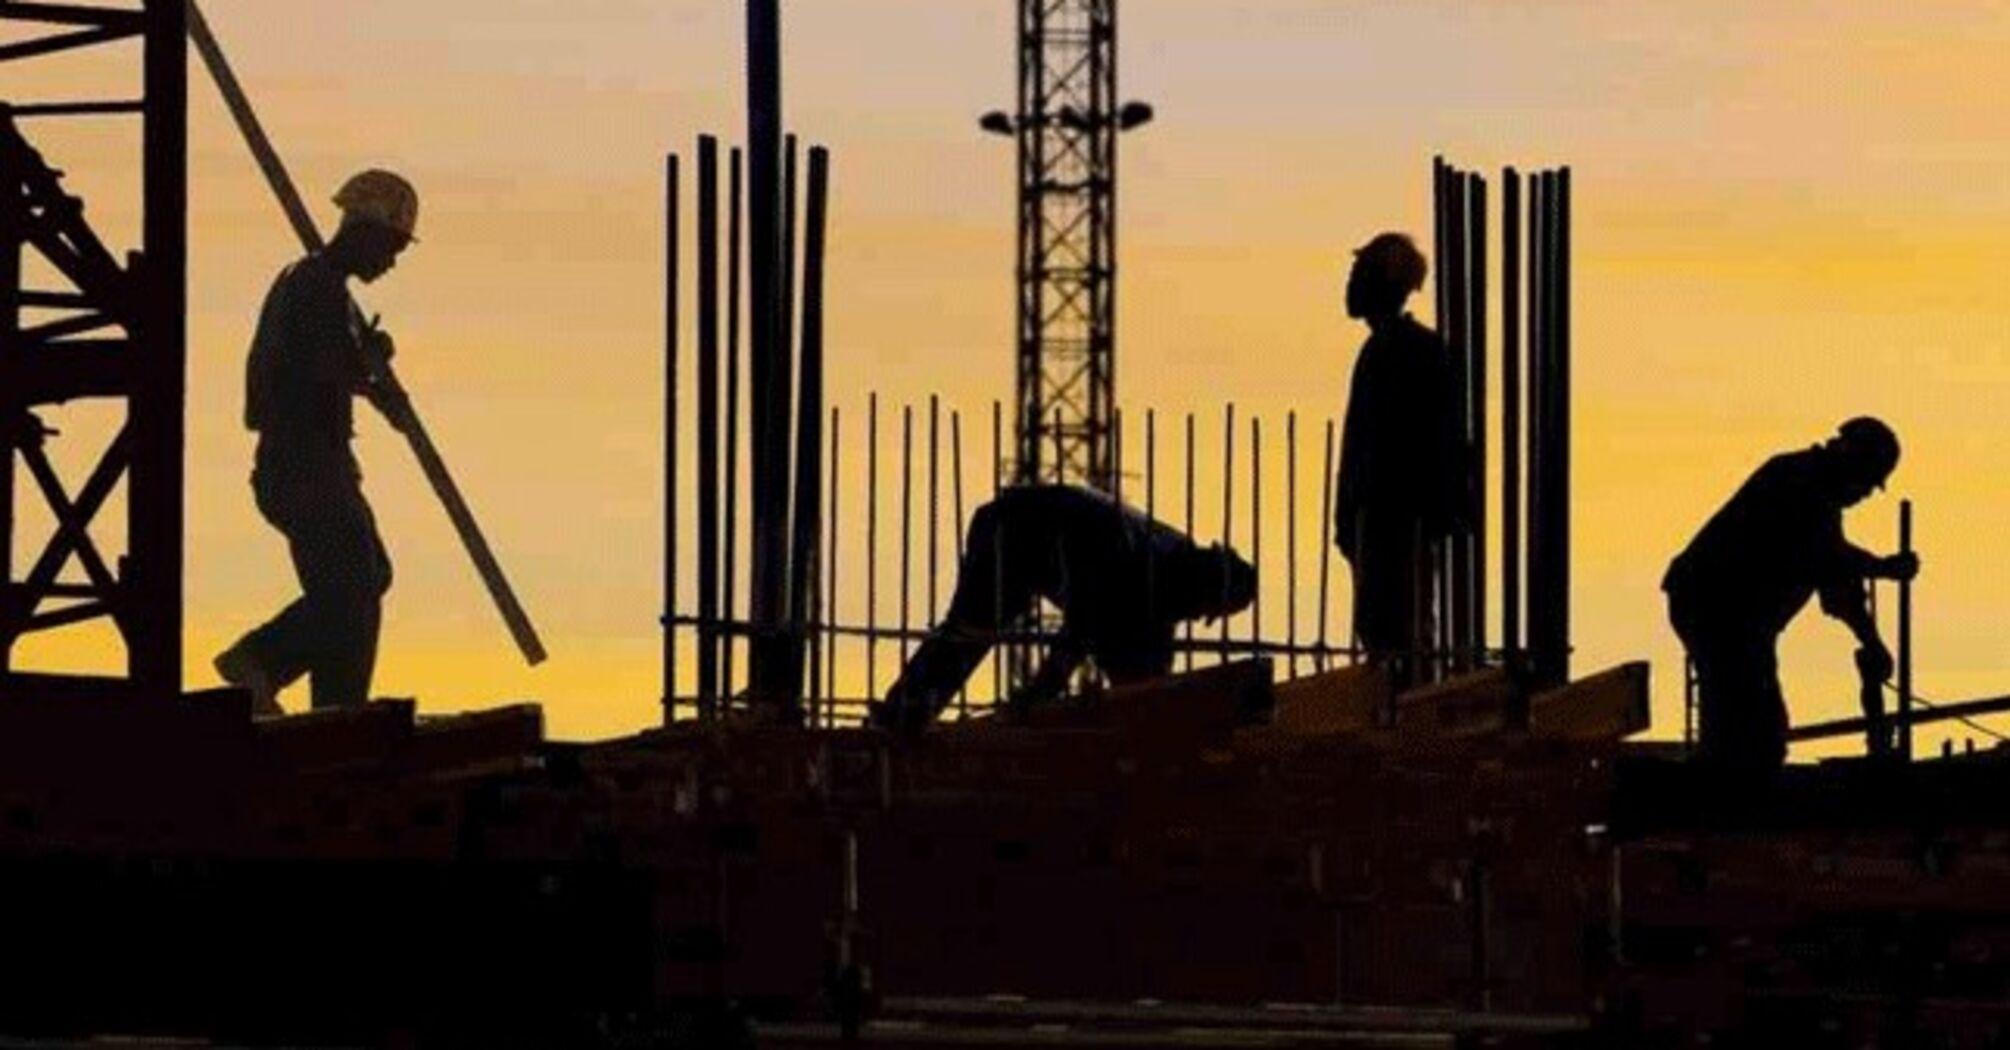 Страховики надали пропозиції для будівельної спільноти в рамках реформи ДАБІ